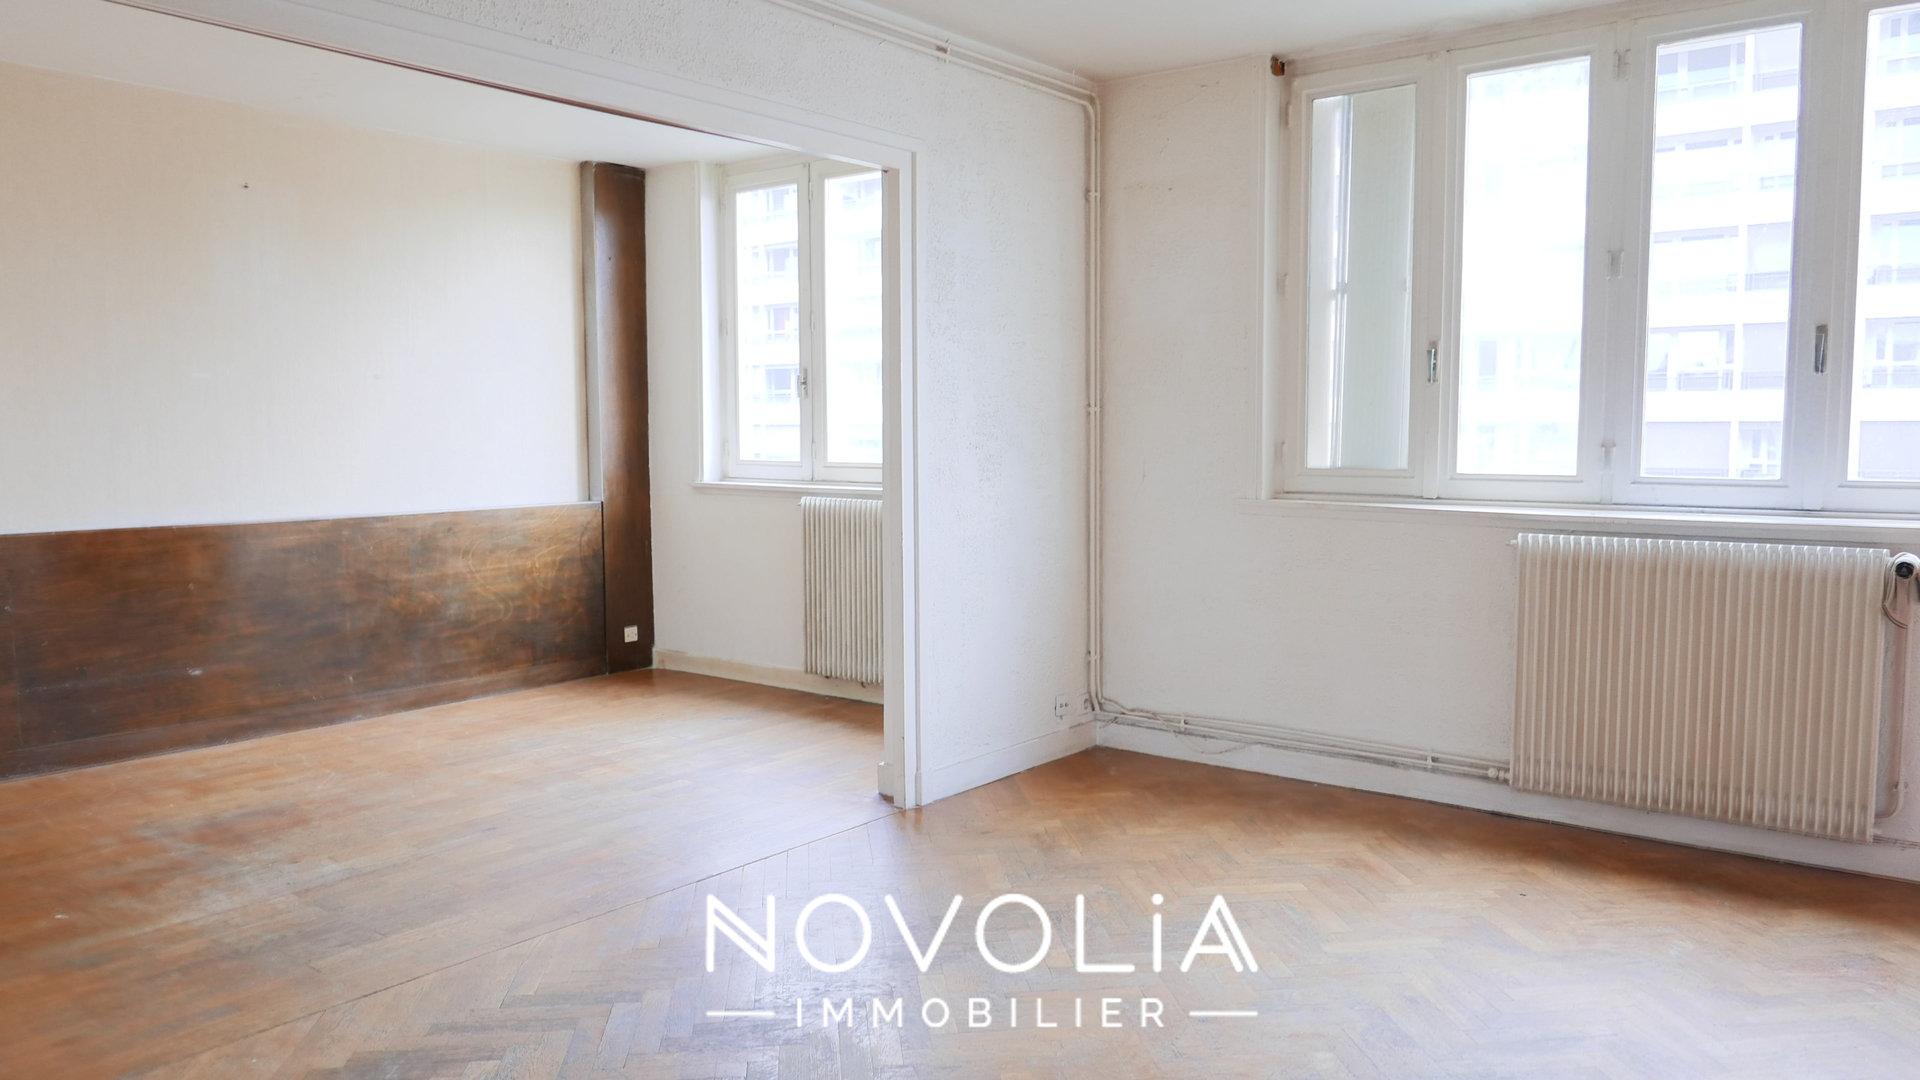 Achat Appartement Surface de 74.56 m²/ Total carrez : 74.56 m², 4 pièces, Villeurbanne (69100)